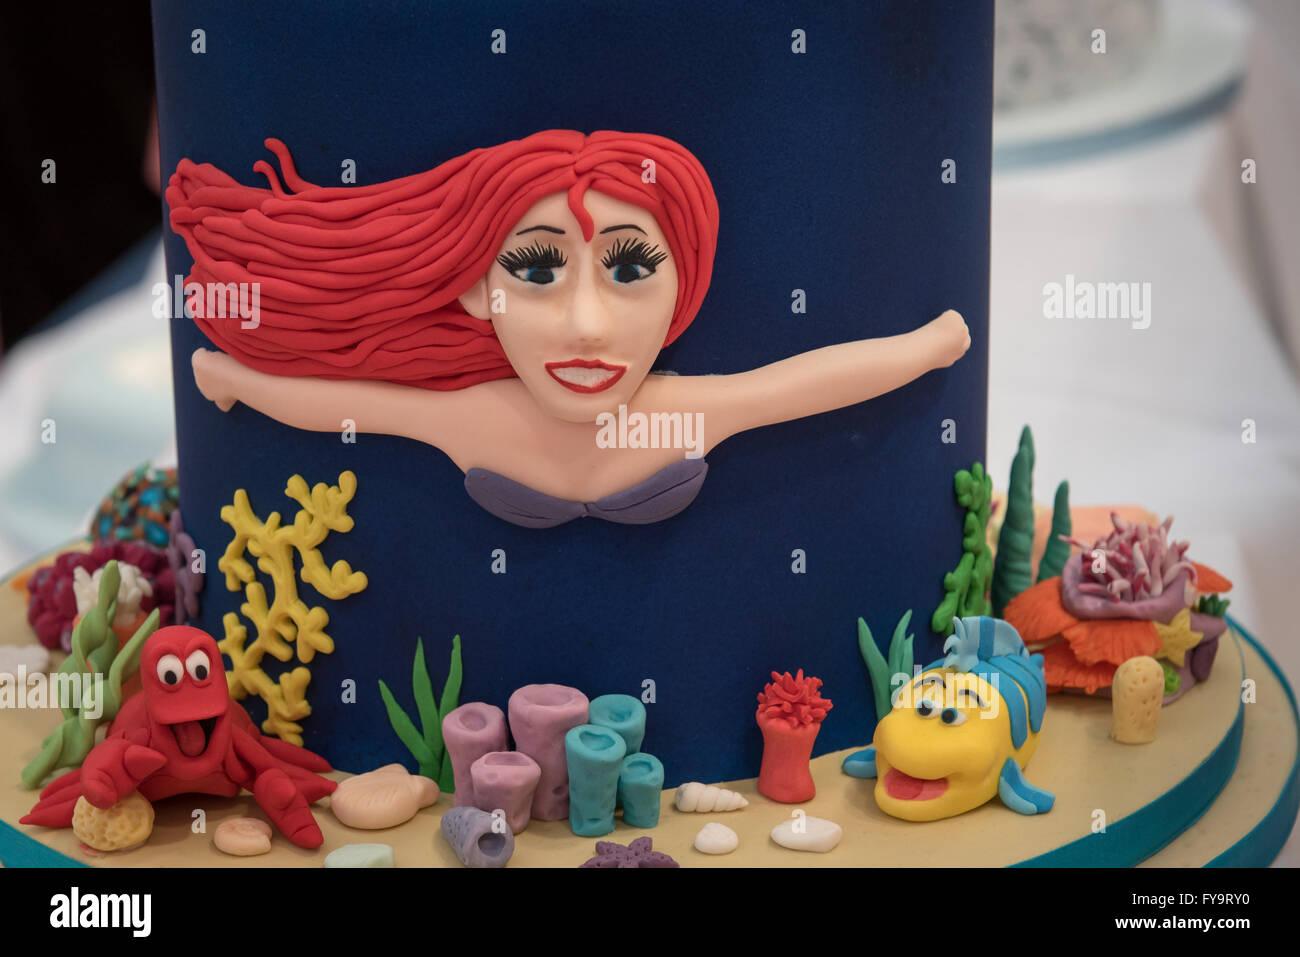 Meerjungfrau Prinzessin ArielGeburtstagskuchen Kuchen